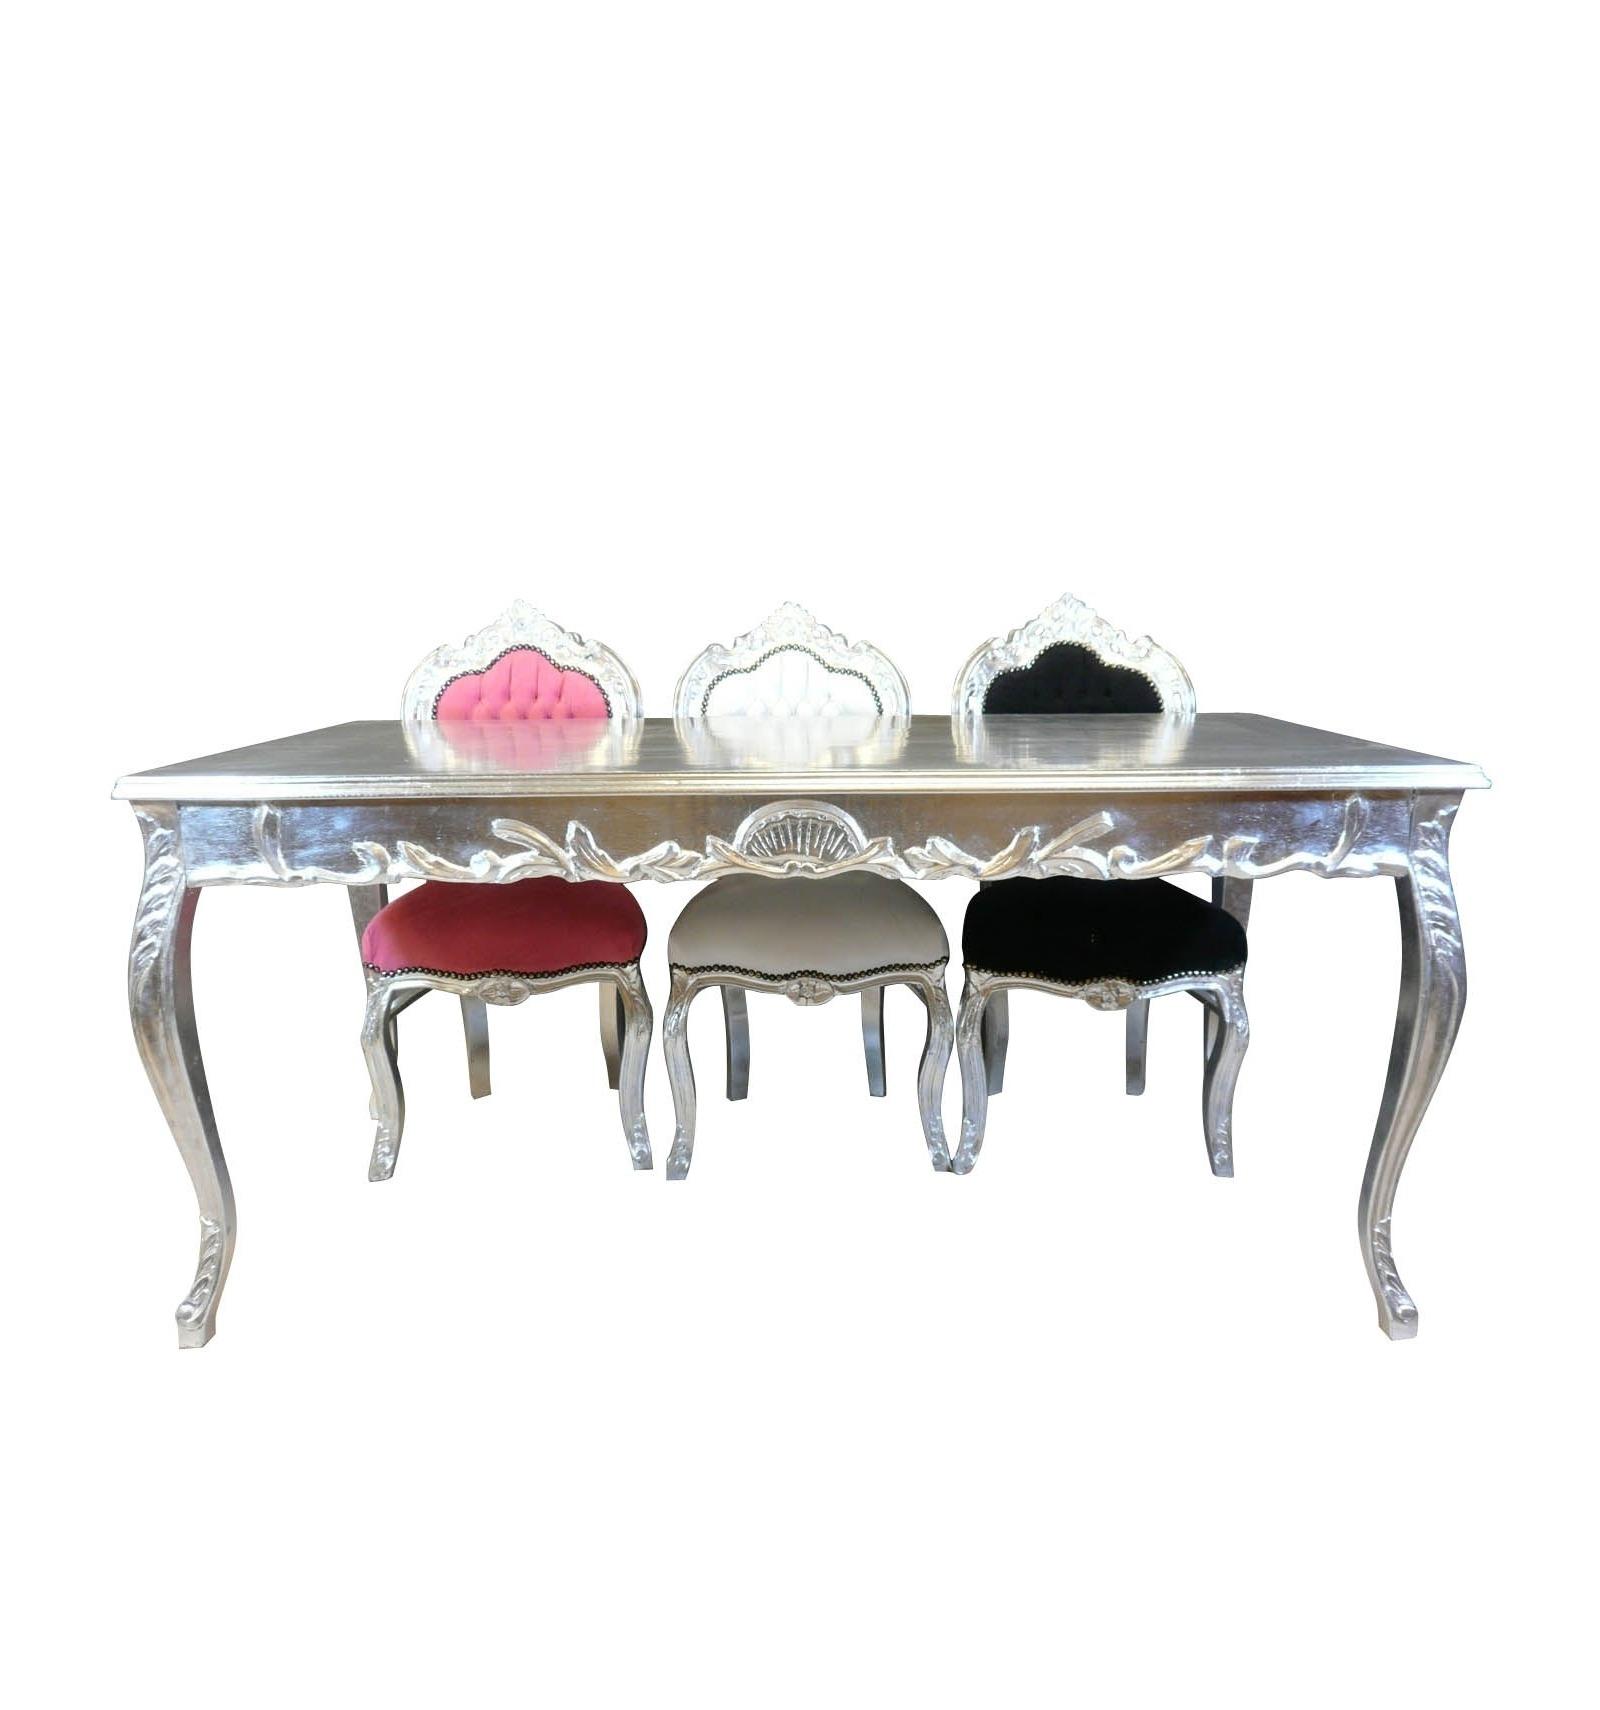 Tavolo da pranzo barocco d'argento - Mobili in stile